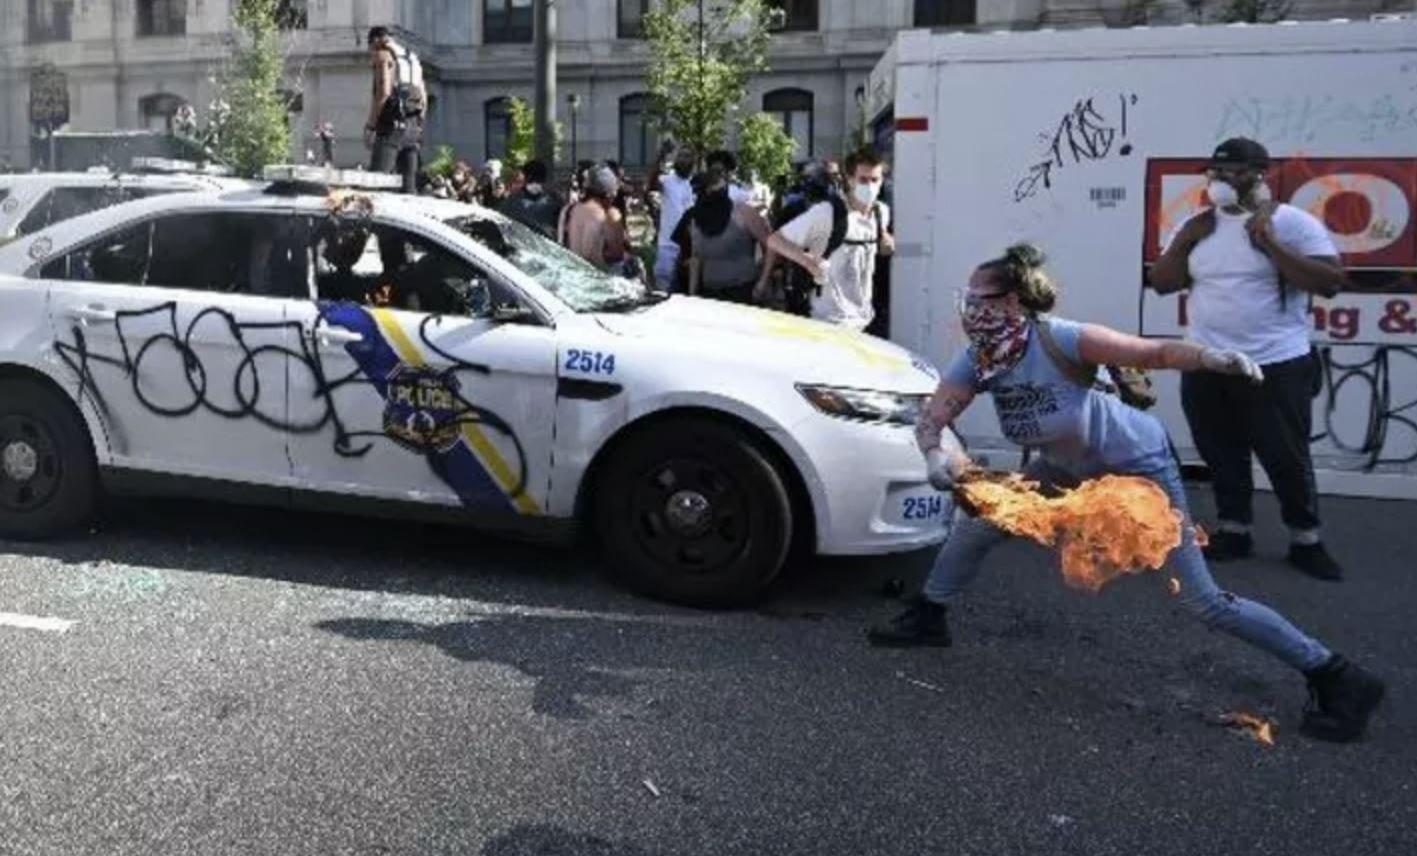 L'FBI è risalita ad una manifestante grazie ad una sua recensione su Etsy: aveva bruciato due volanti